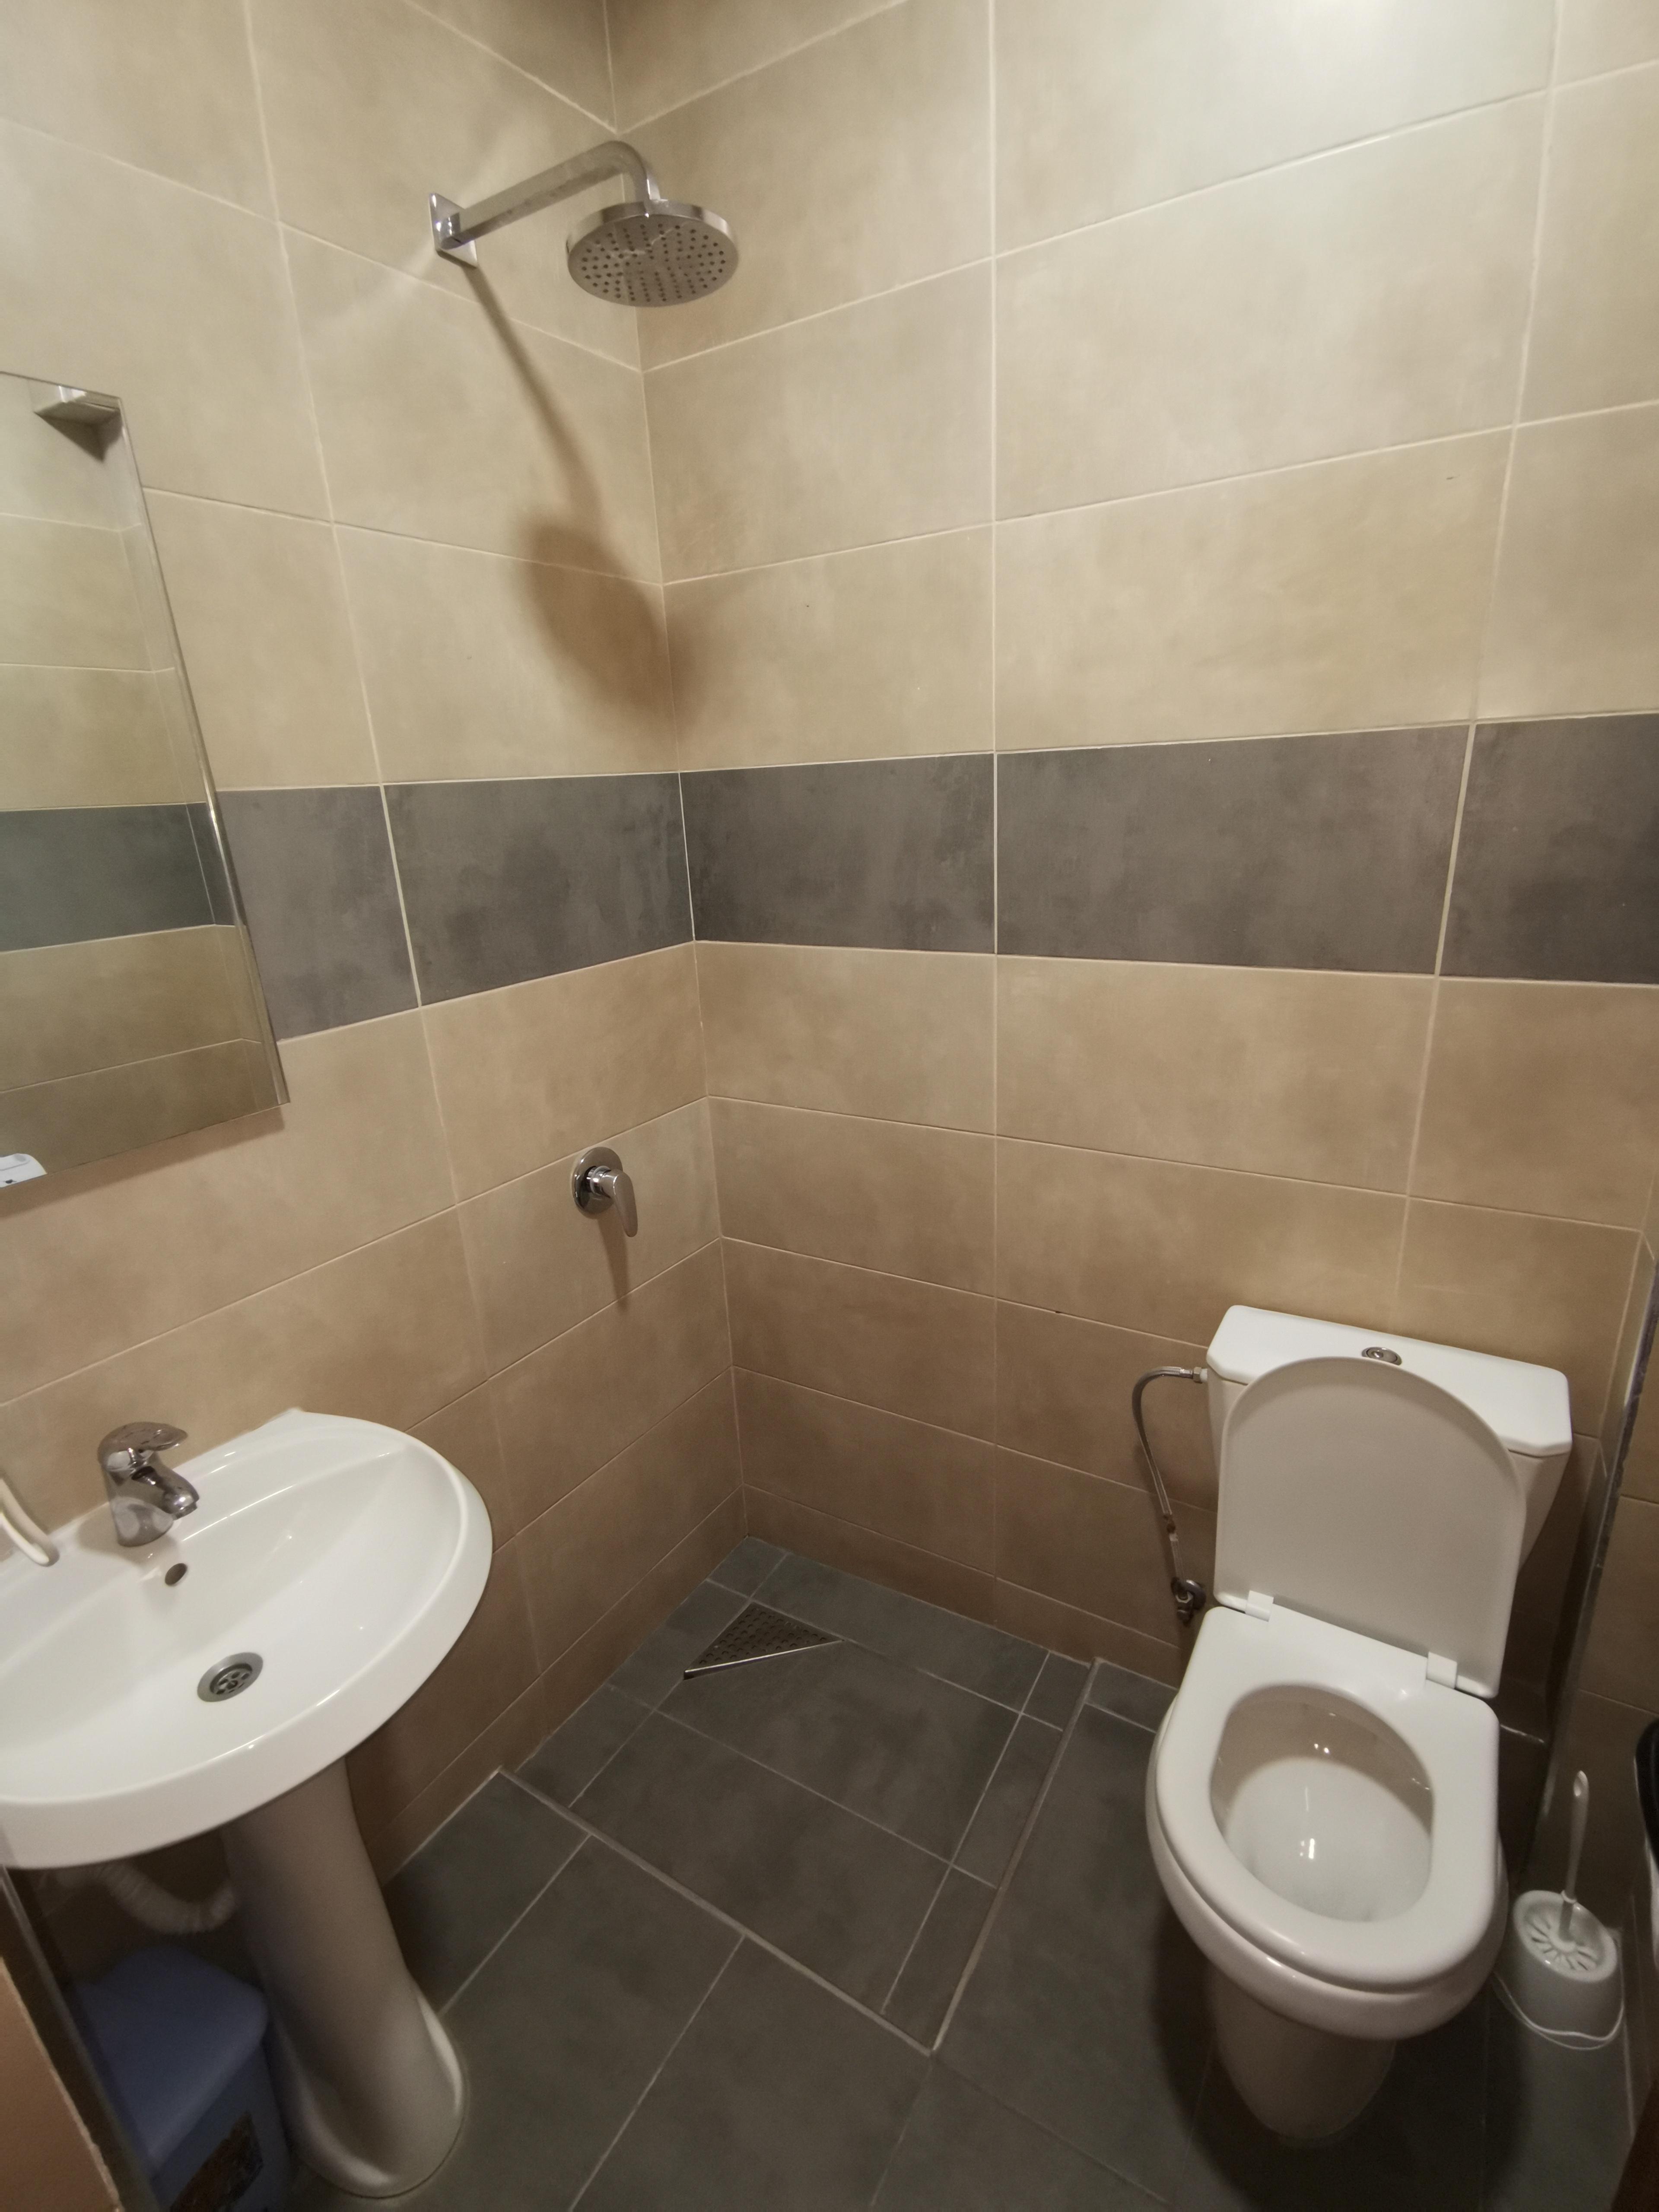 Letovanje Albanija hoteli, Saranda, autobus, Hotel Perla, kupatilo